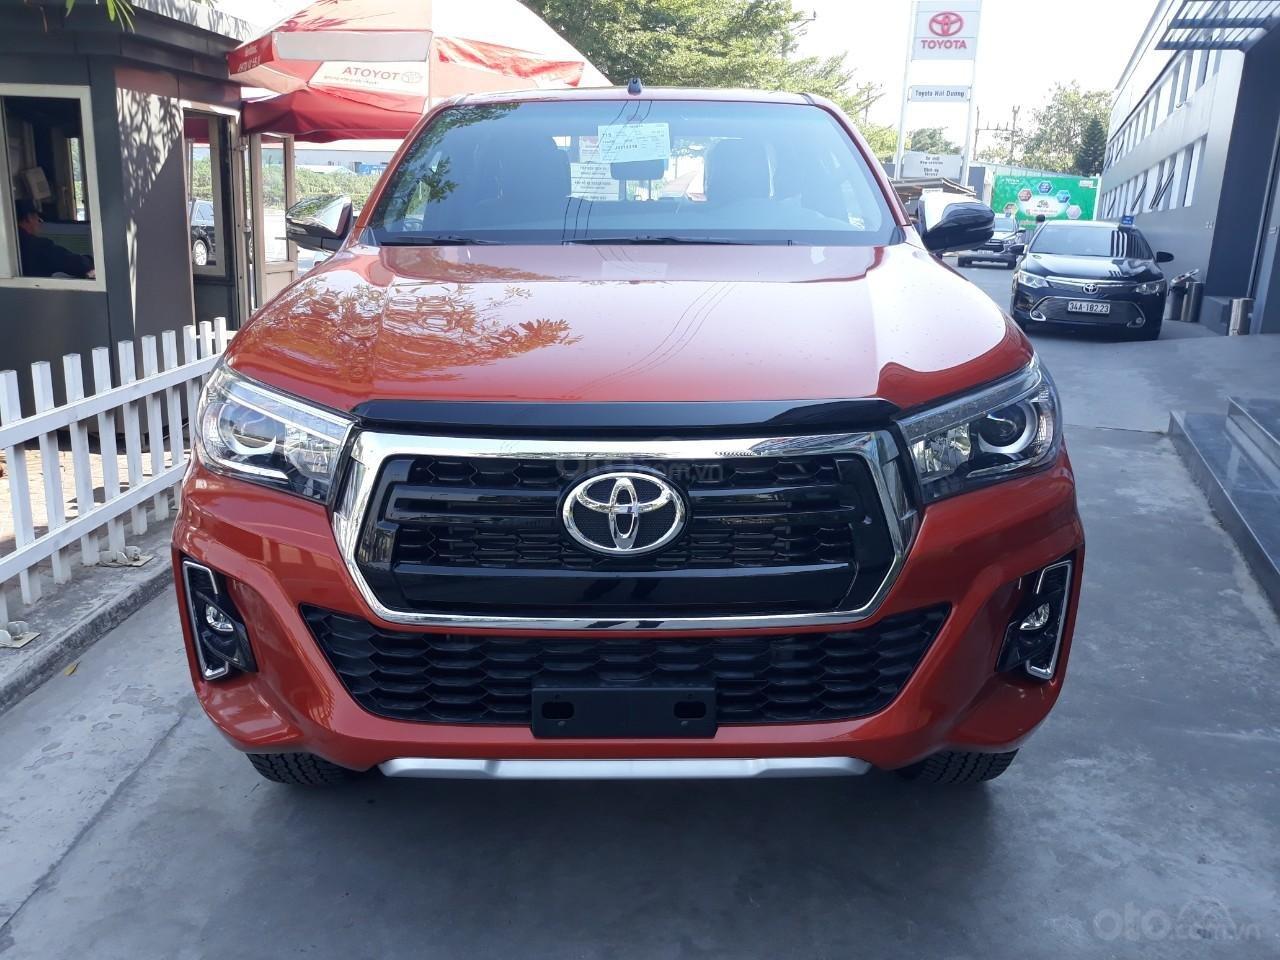 Bán Toyota Hilux tự động 2019 trả góp tại Hải Dương, hotline: 0976394666 Mr Chính (1)